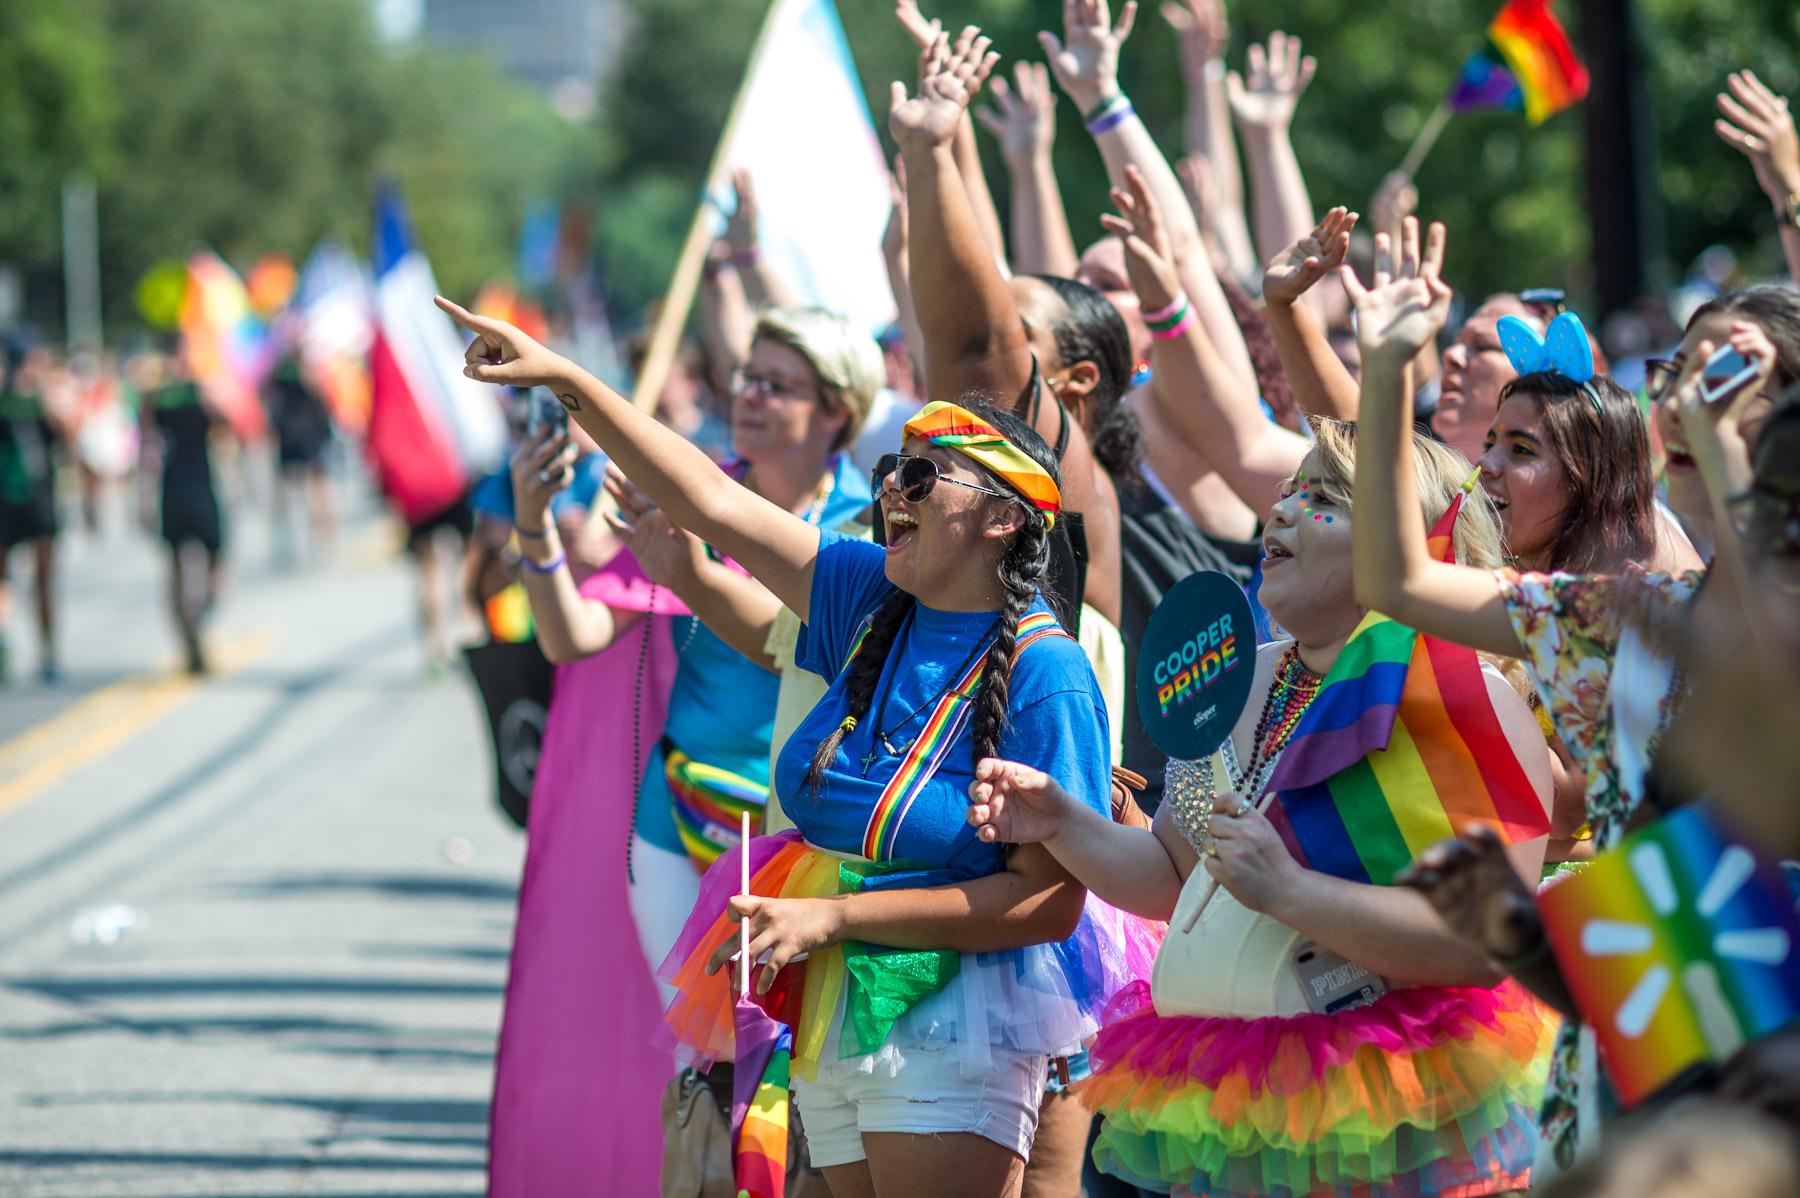 Dallas gay pride parade 2008